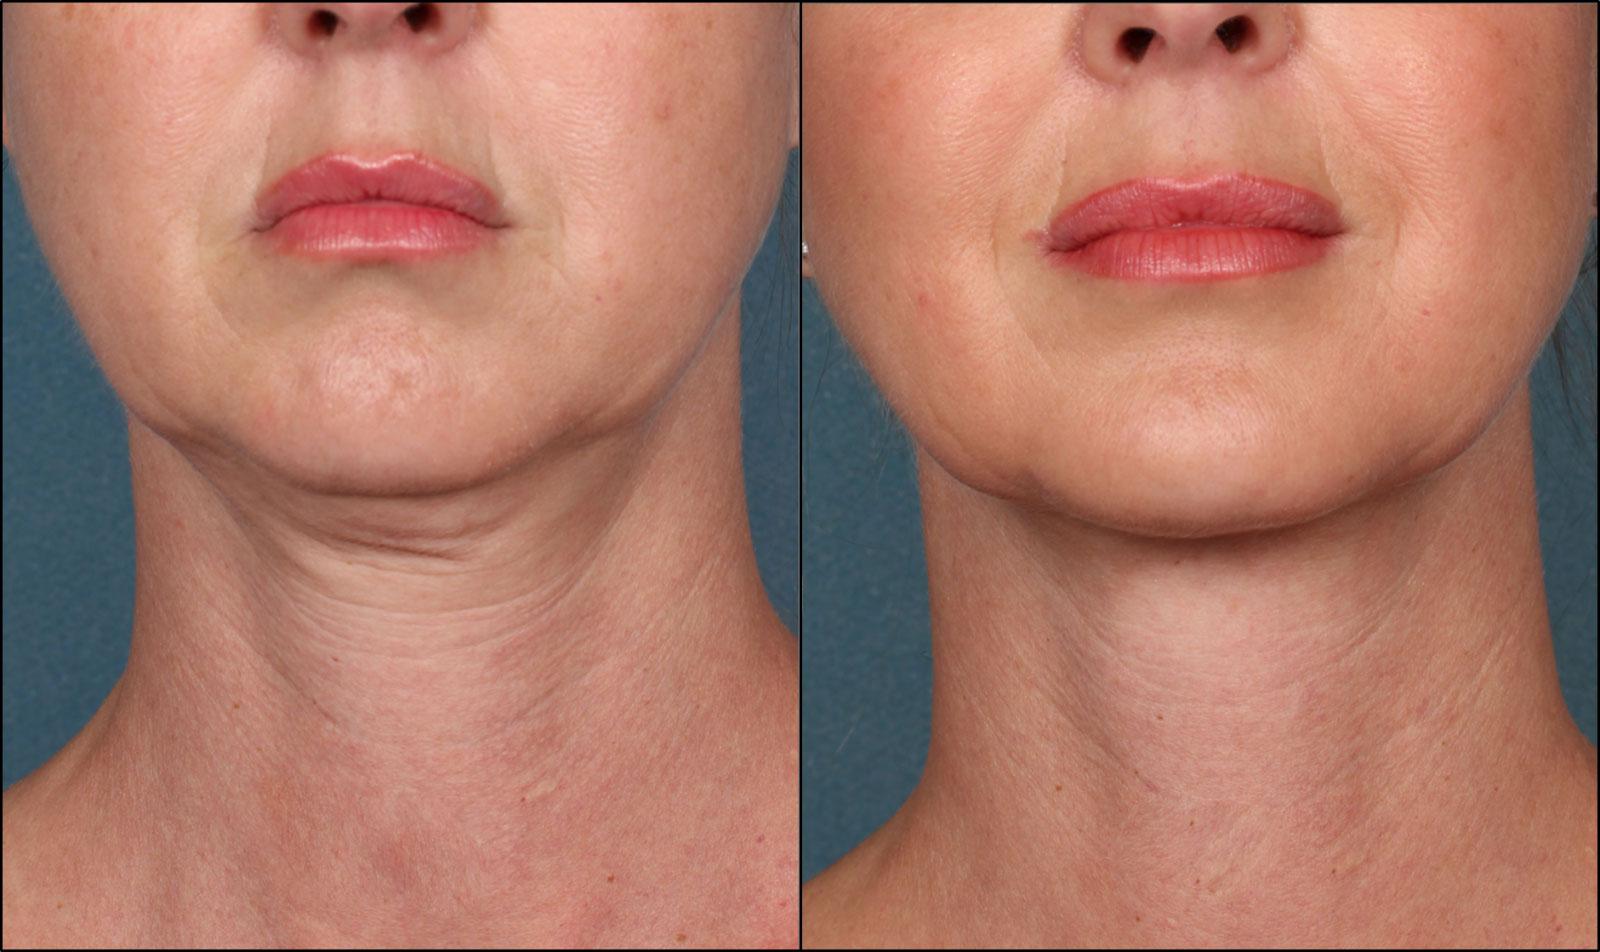 Reafirma La Piel en Javea - Radiofrecuencia y tratamientos faciales HIFU